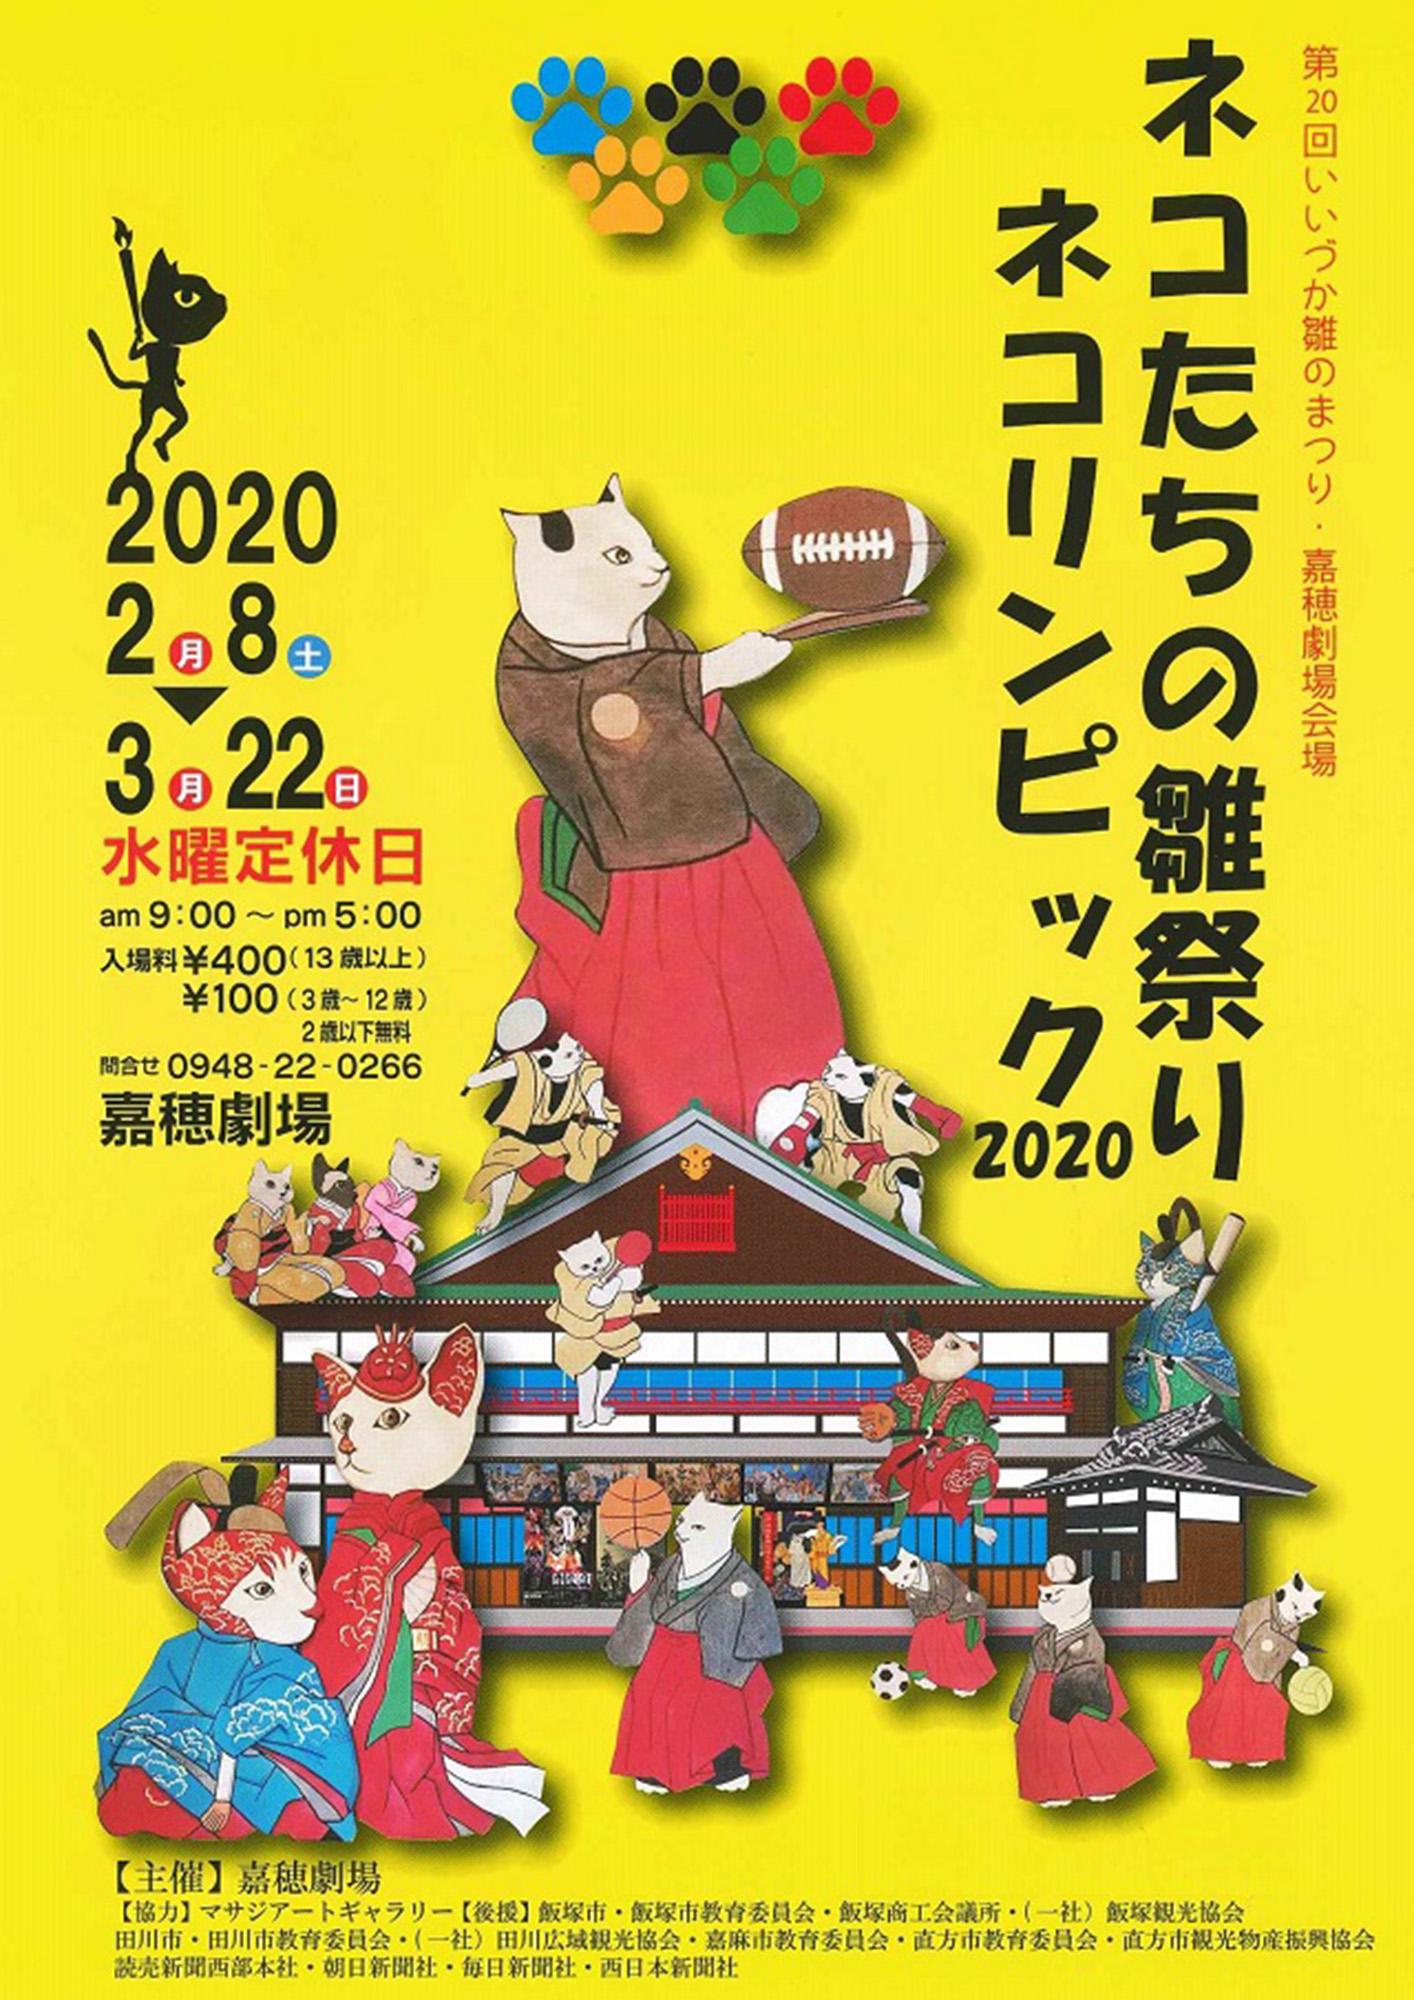 第2回 いいづか雛のまつり 嘉穂劇場 ネコたちの雛祭り ネコリンピック